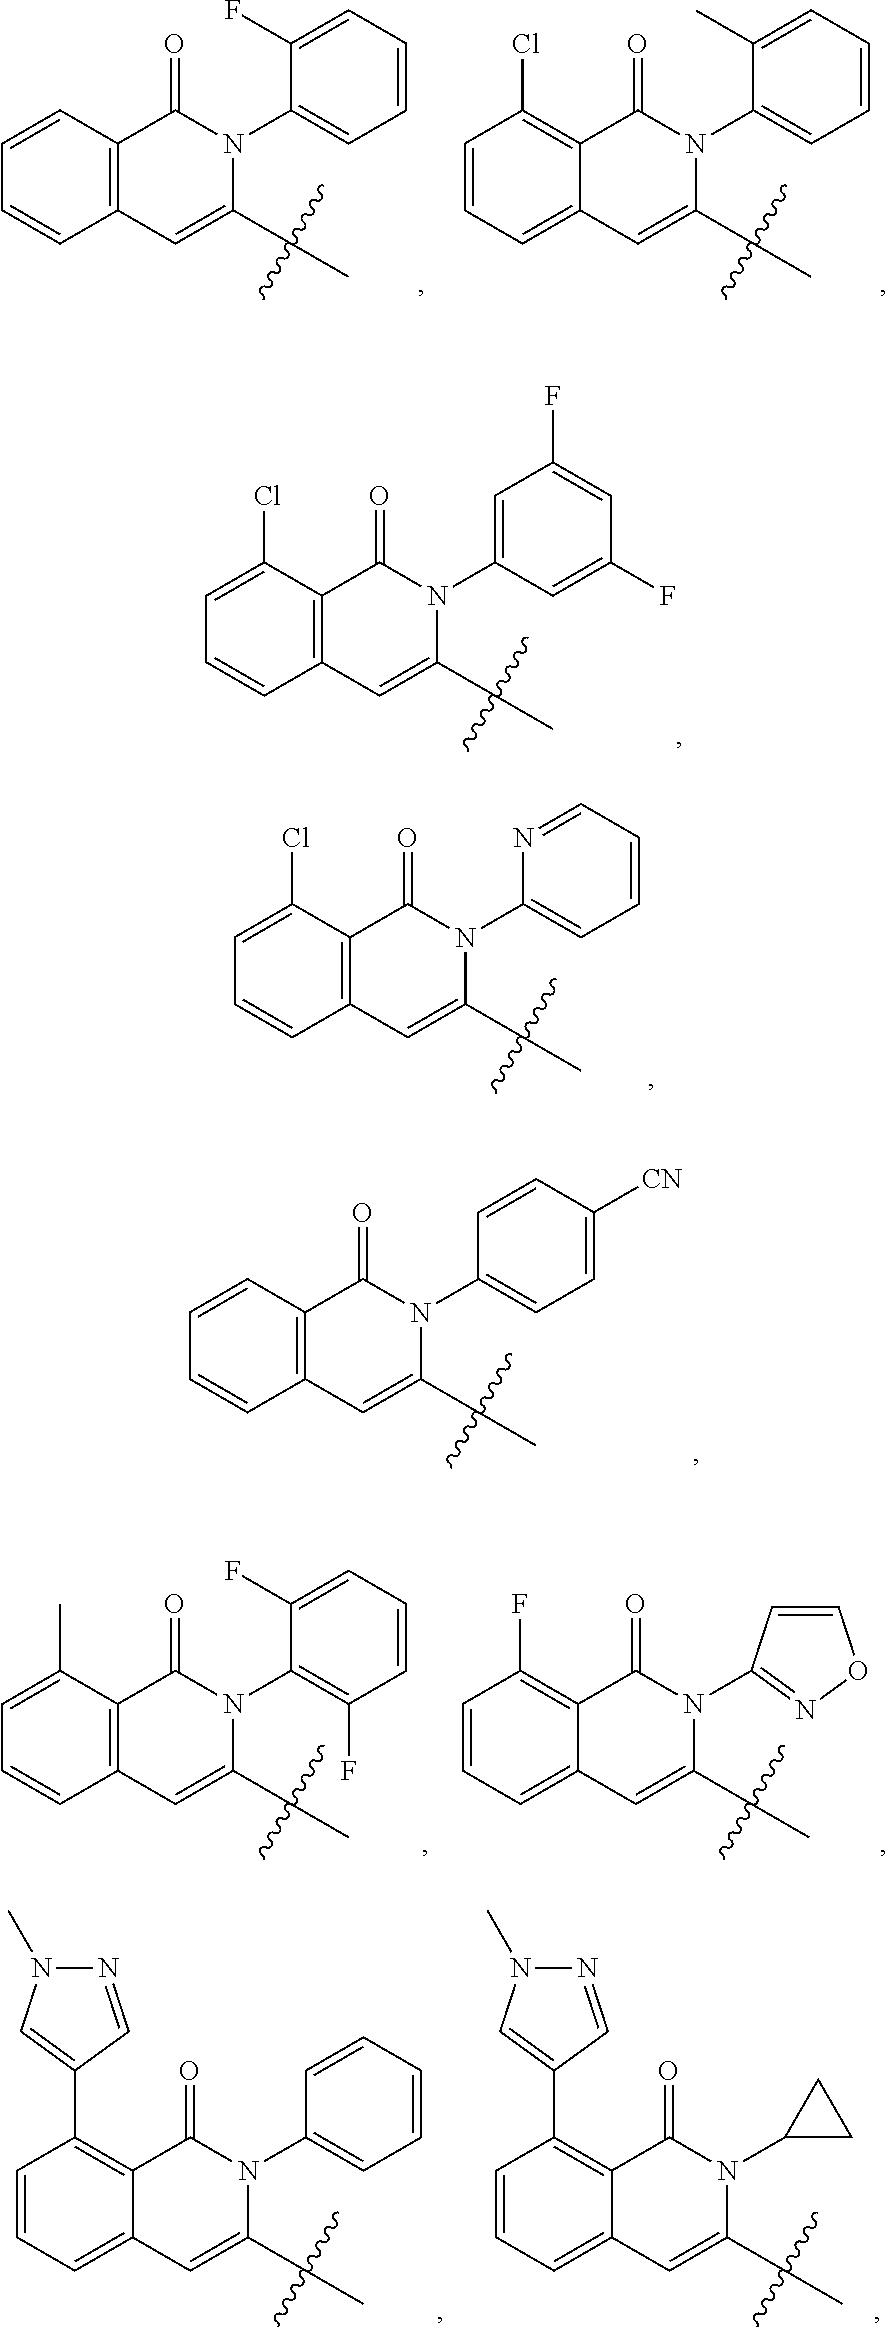 Figure US09657007-20170523-C00005